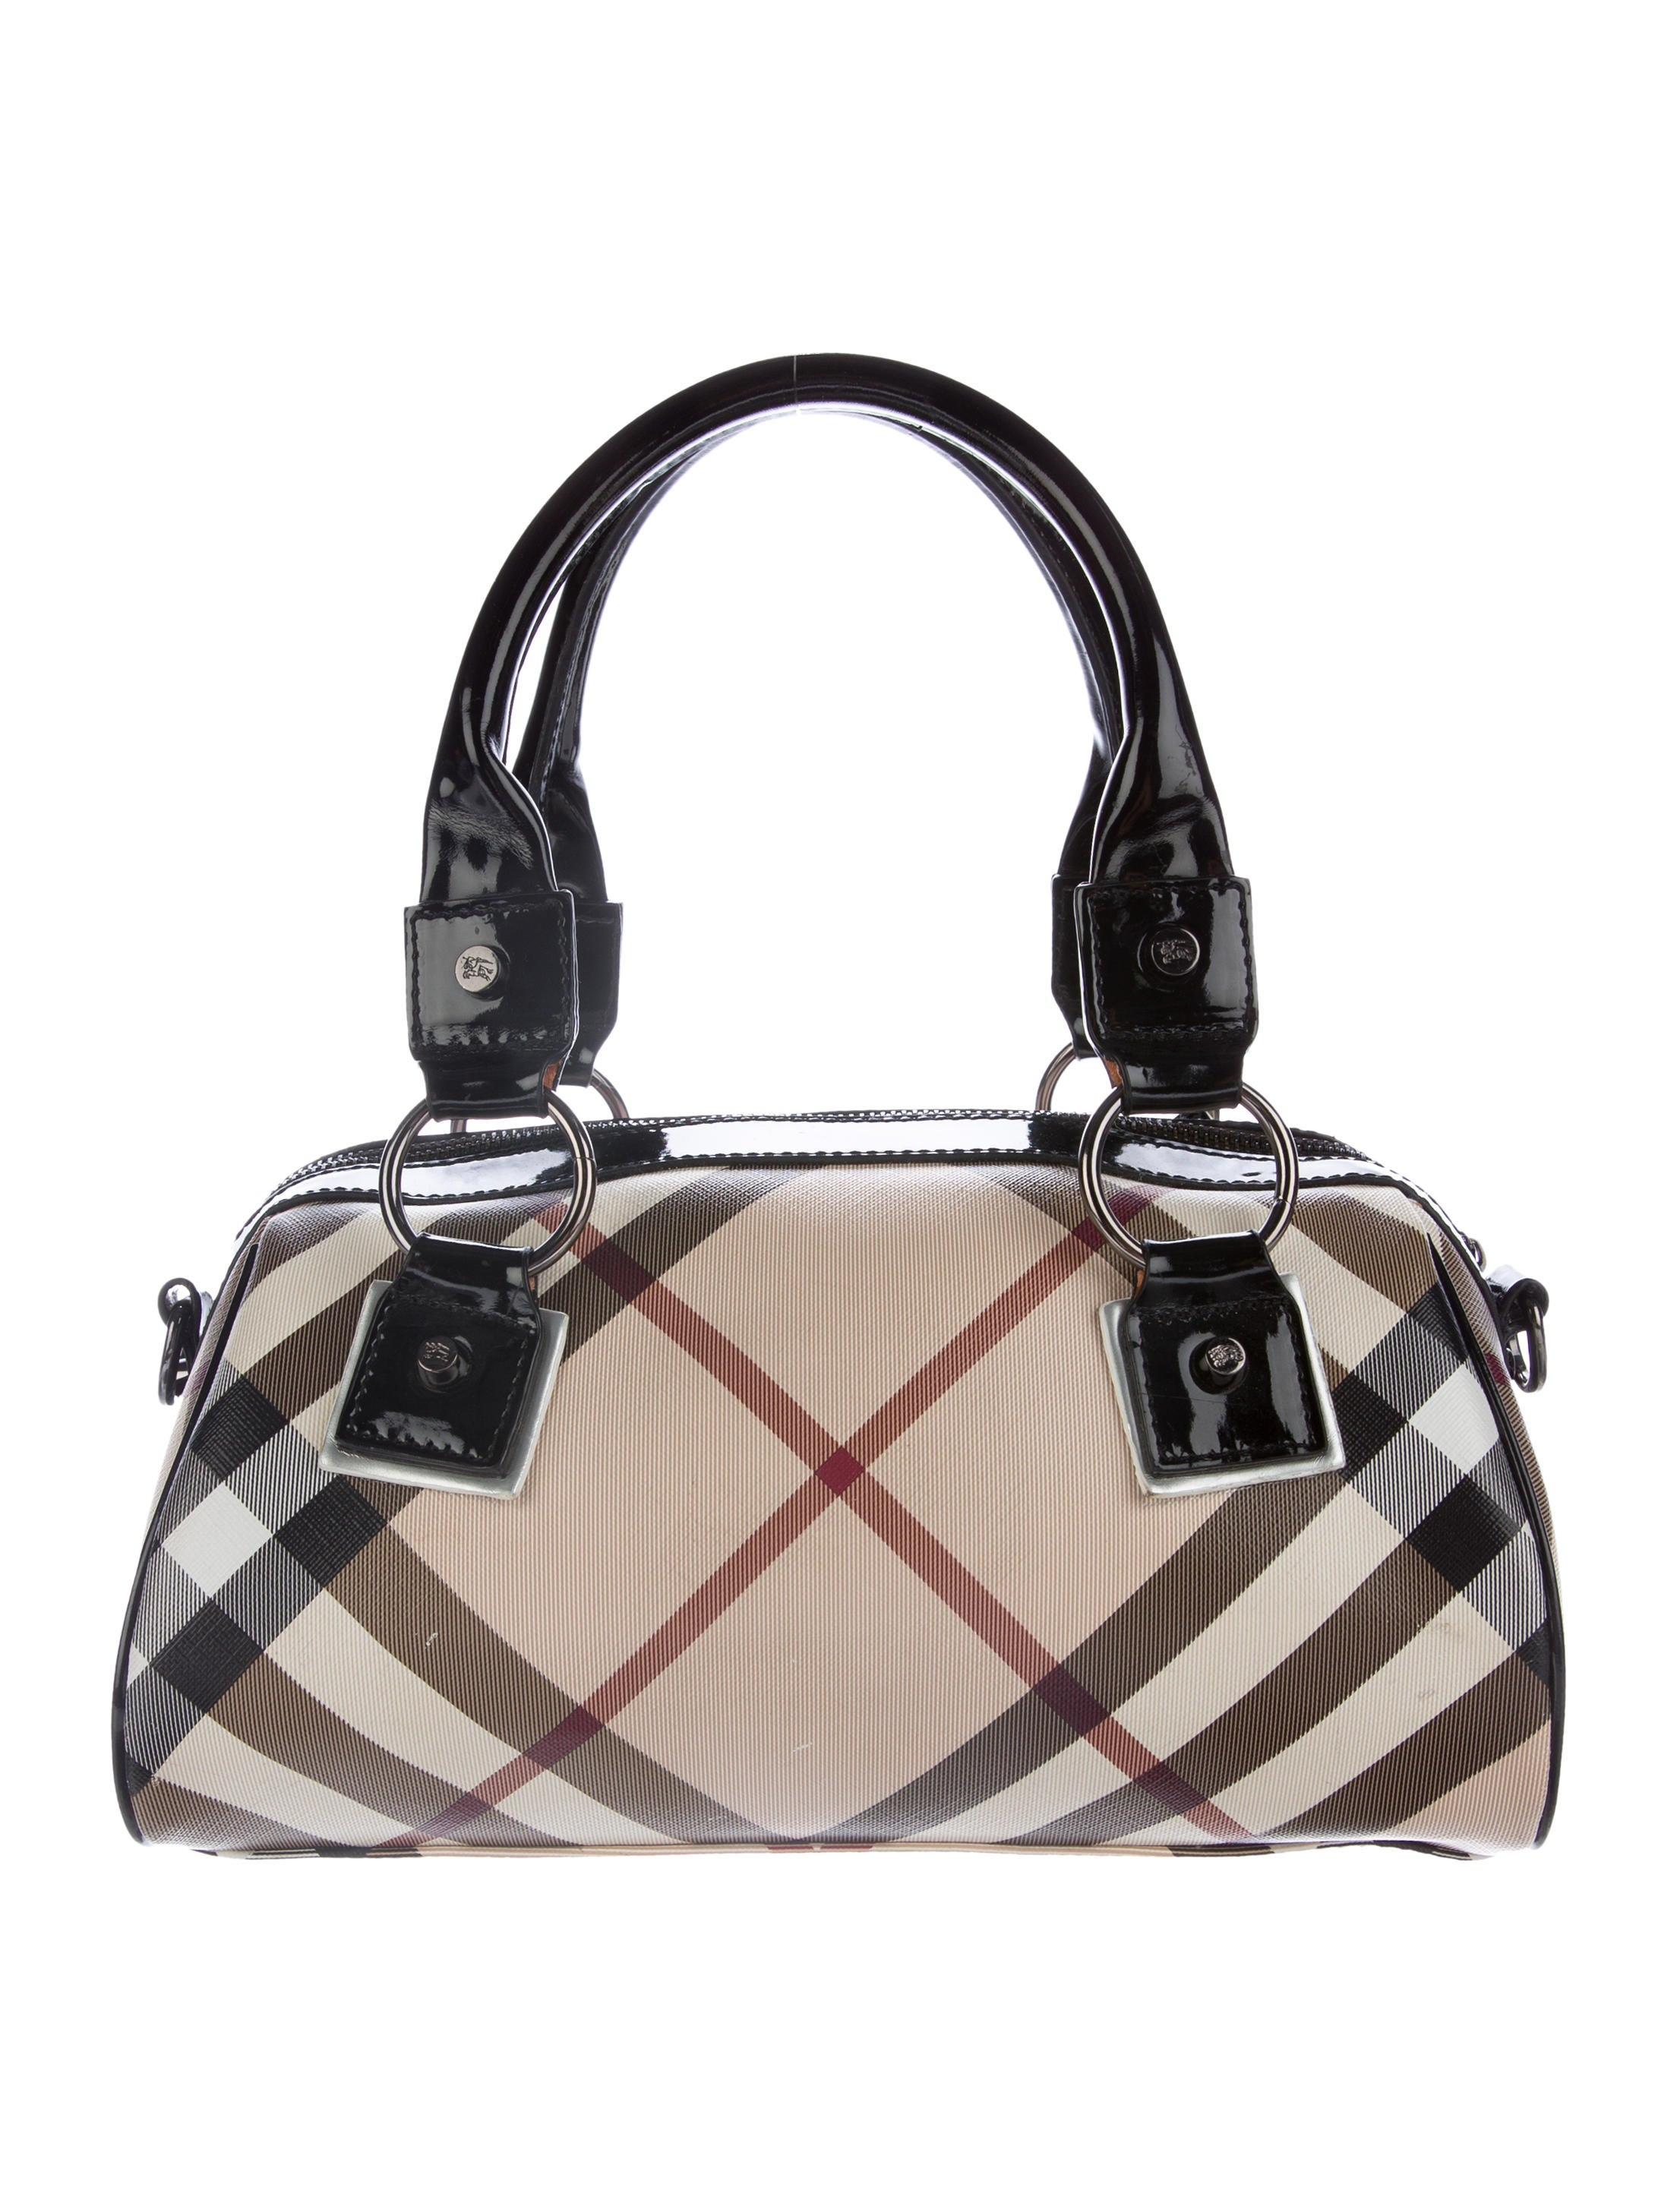 Borse burberry nova check : Burberry super nova check satchel handbags bur